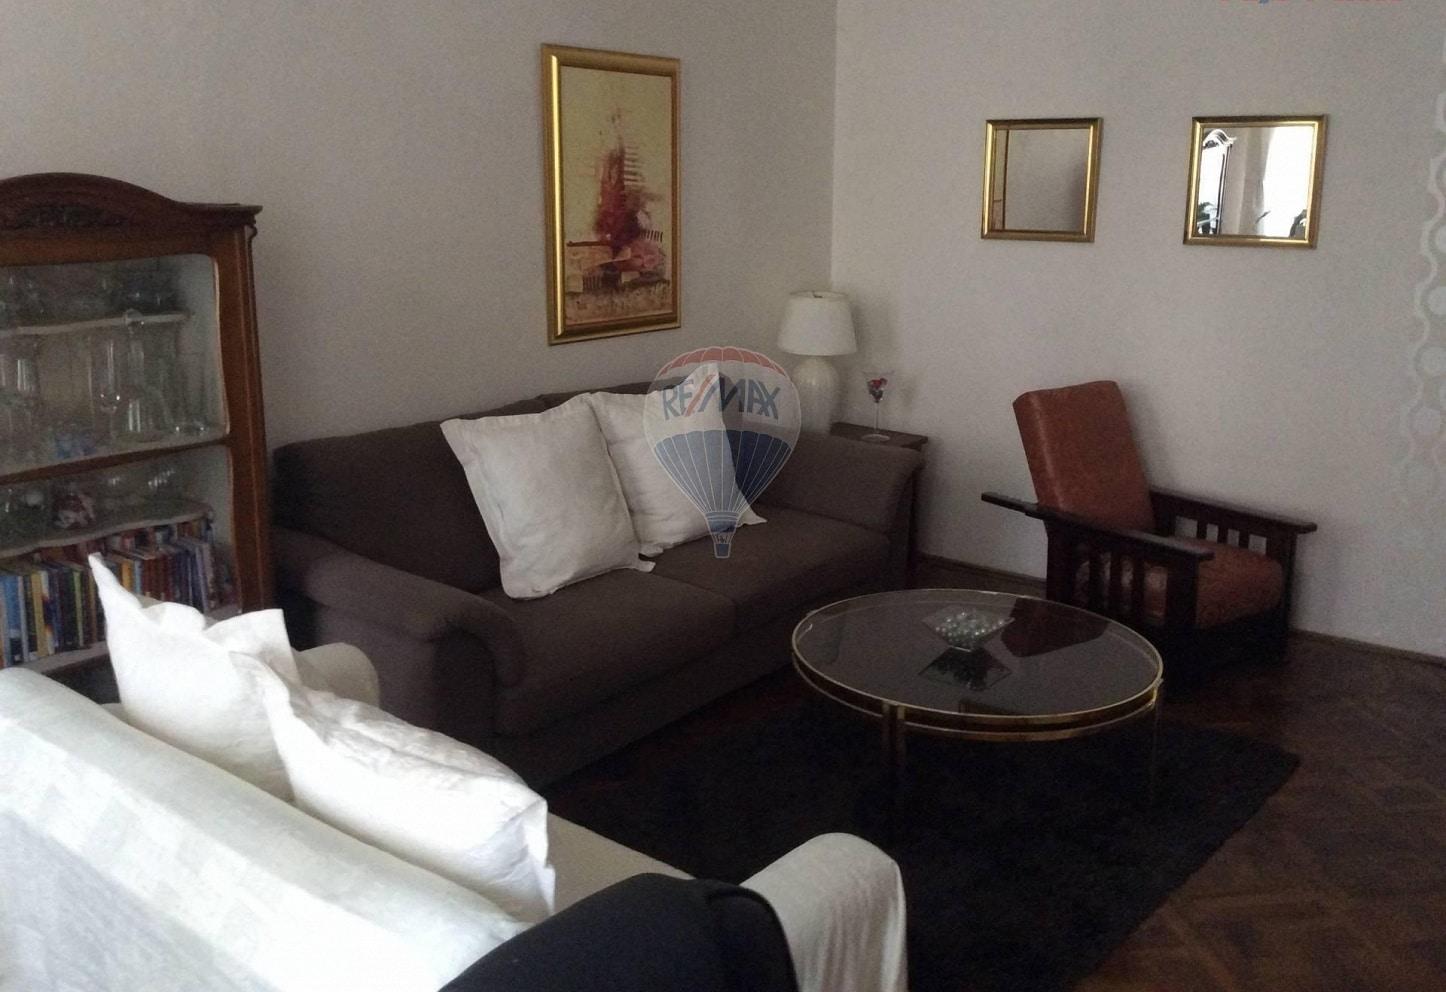 דירת 3 חדרים למכירה בפראג 1 על 78 מר (11)